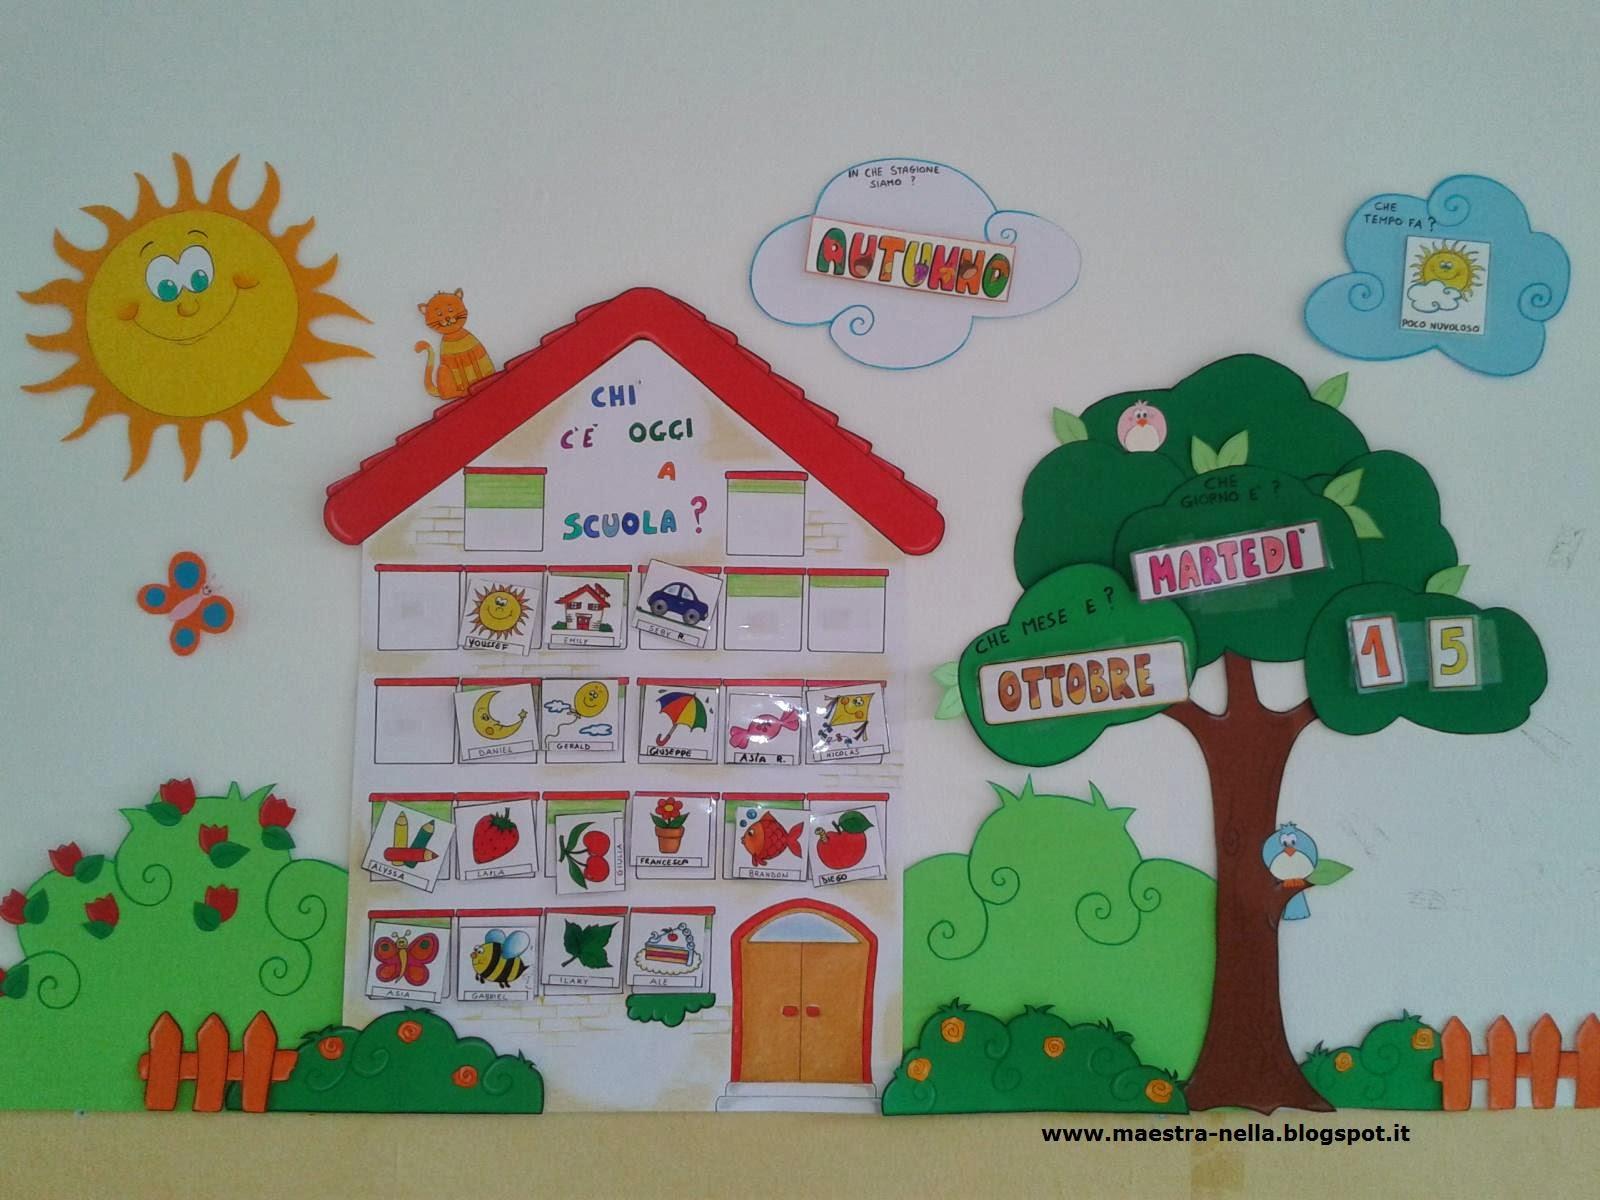 Costruire Calendario Scuola Infanzia.Maestra Nella Cartellone Presenze E Calendario